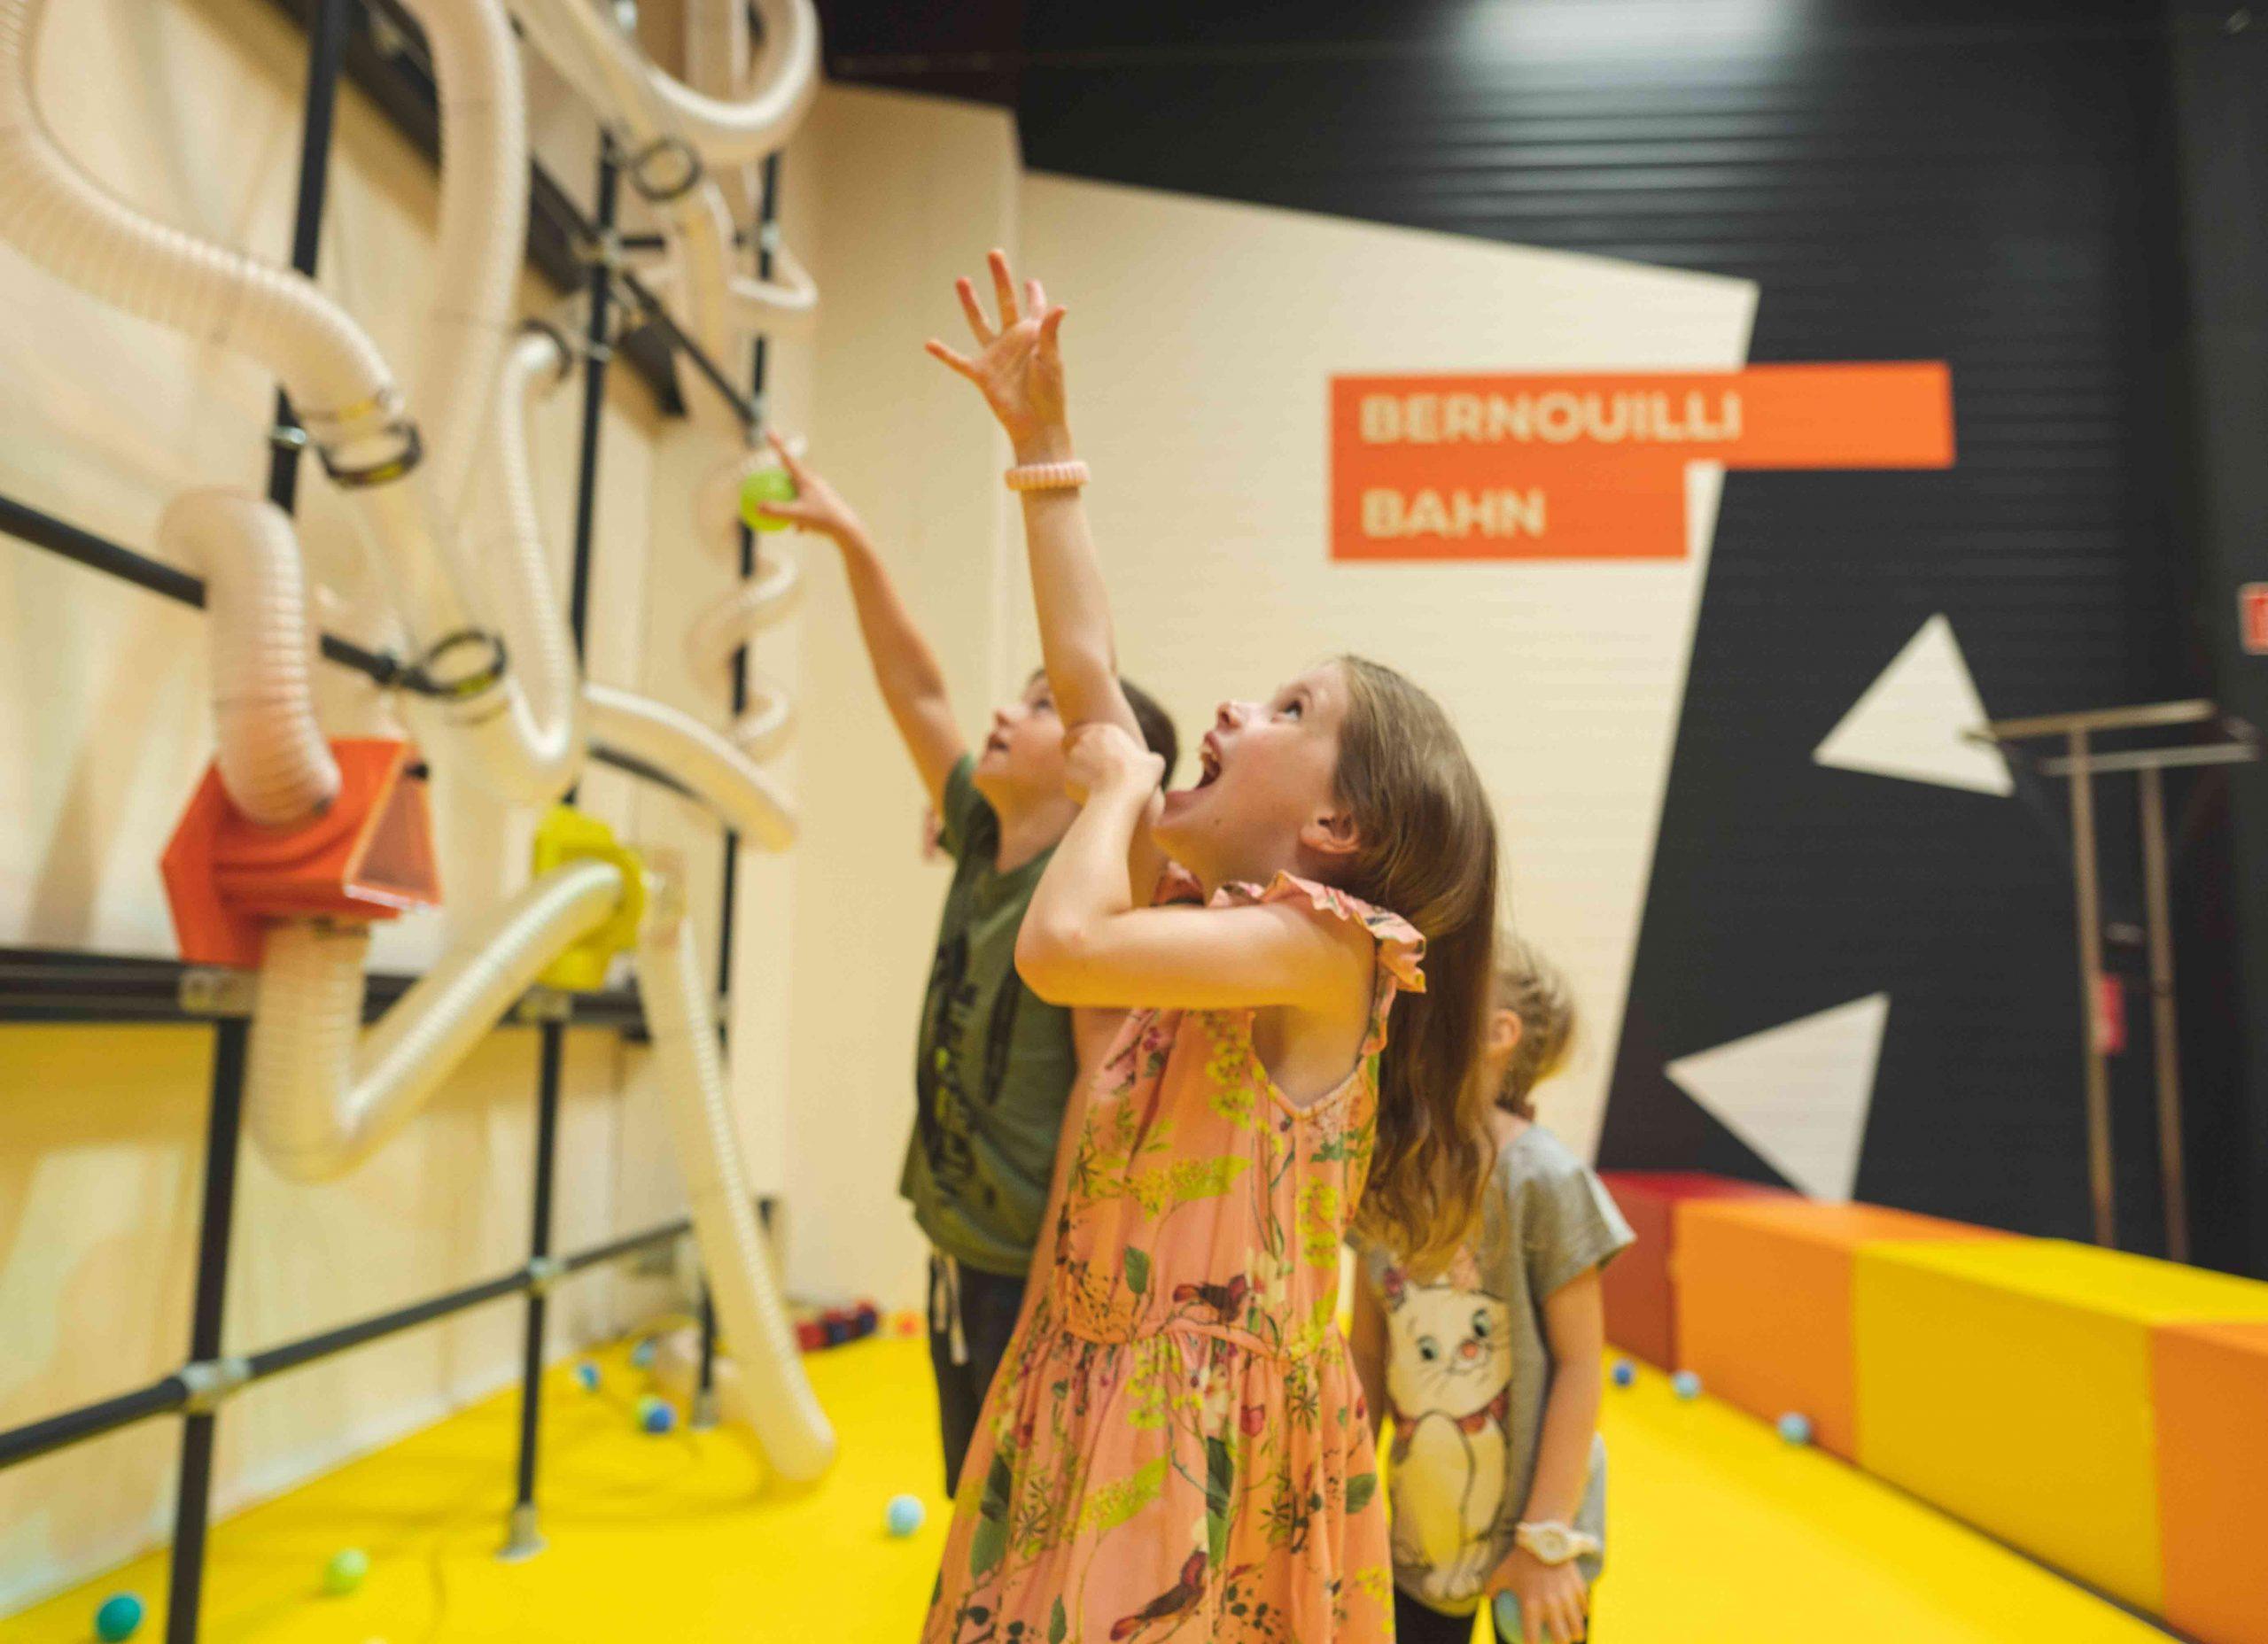 Experimentarium Kinder spielen an der Bernoulli Bahn